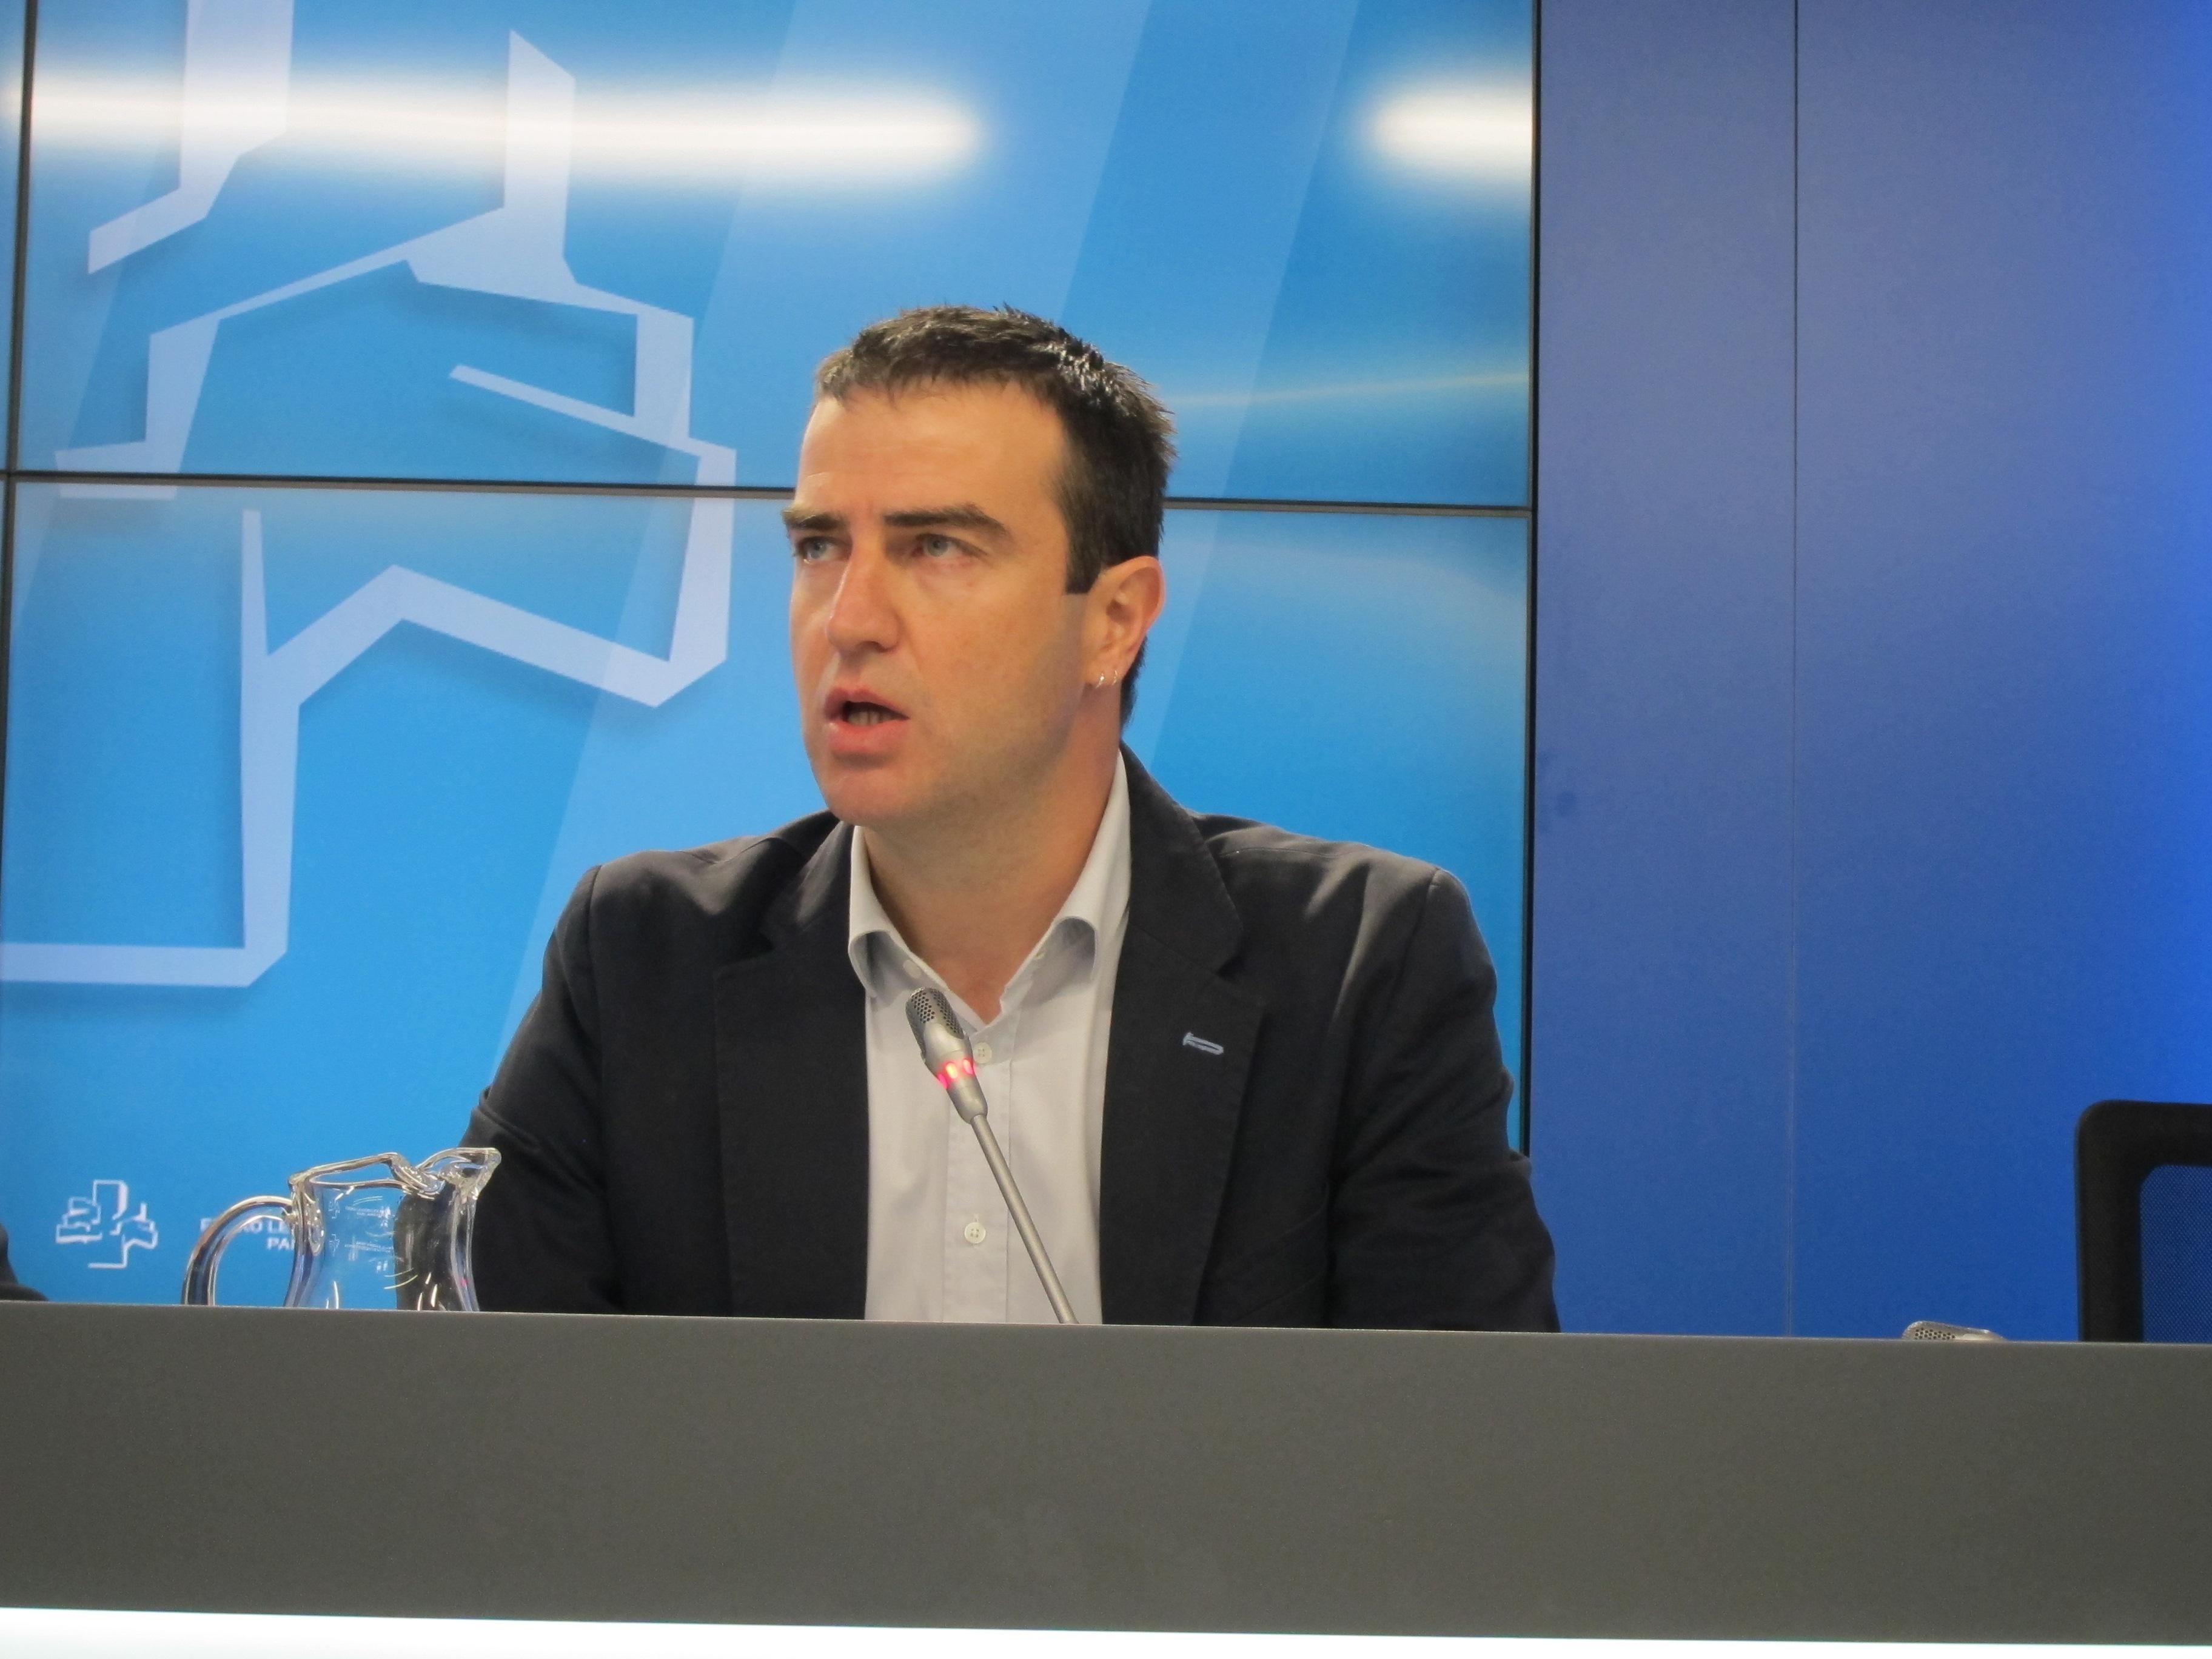 Maneiro (UPyD) cree que la derrota de ETA «sigue pendiente» y advierte que Bildu y Amaiur son sus «servicios auxiliares»